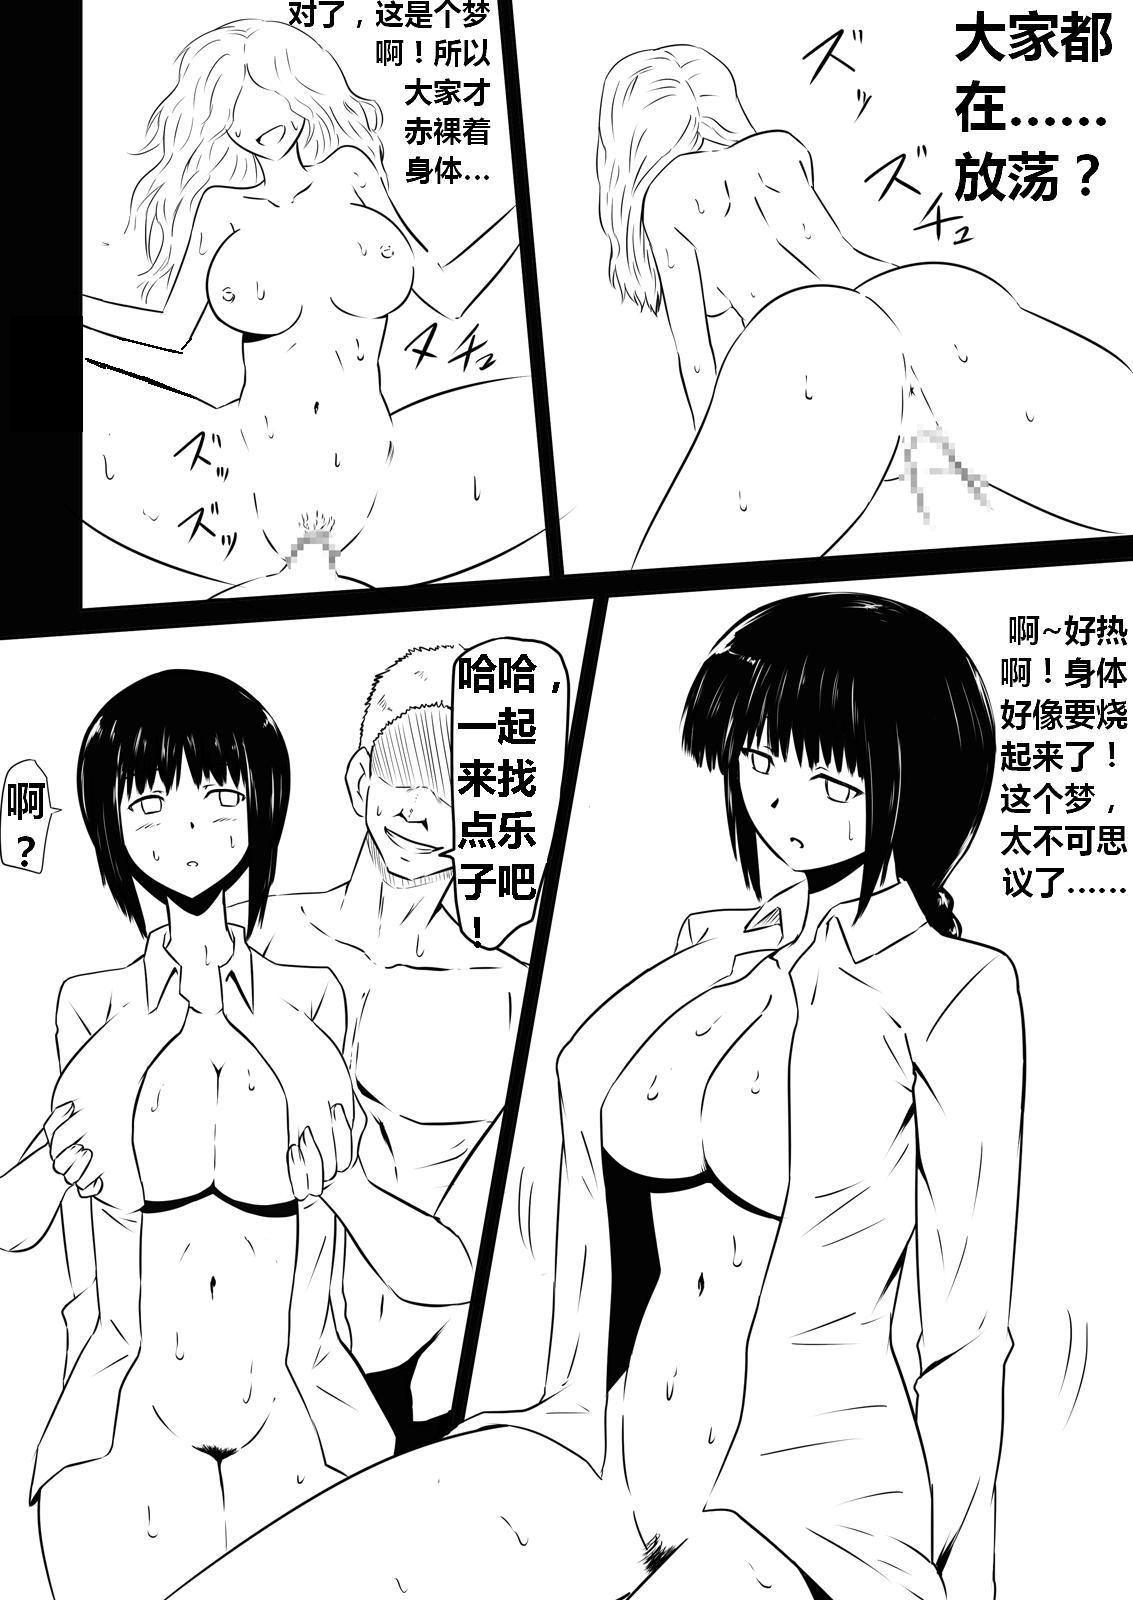 Ore no Kanojo ga Fuuzokujou ni Natta Riyuu | 女朋友下海拍片了 17